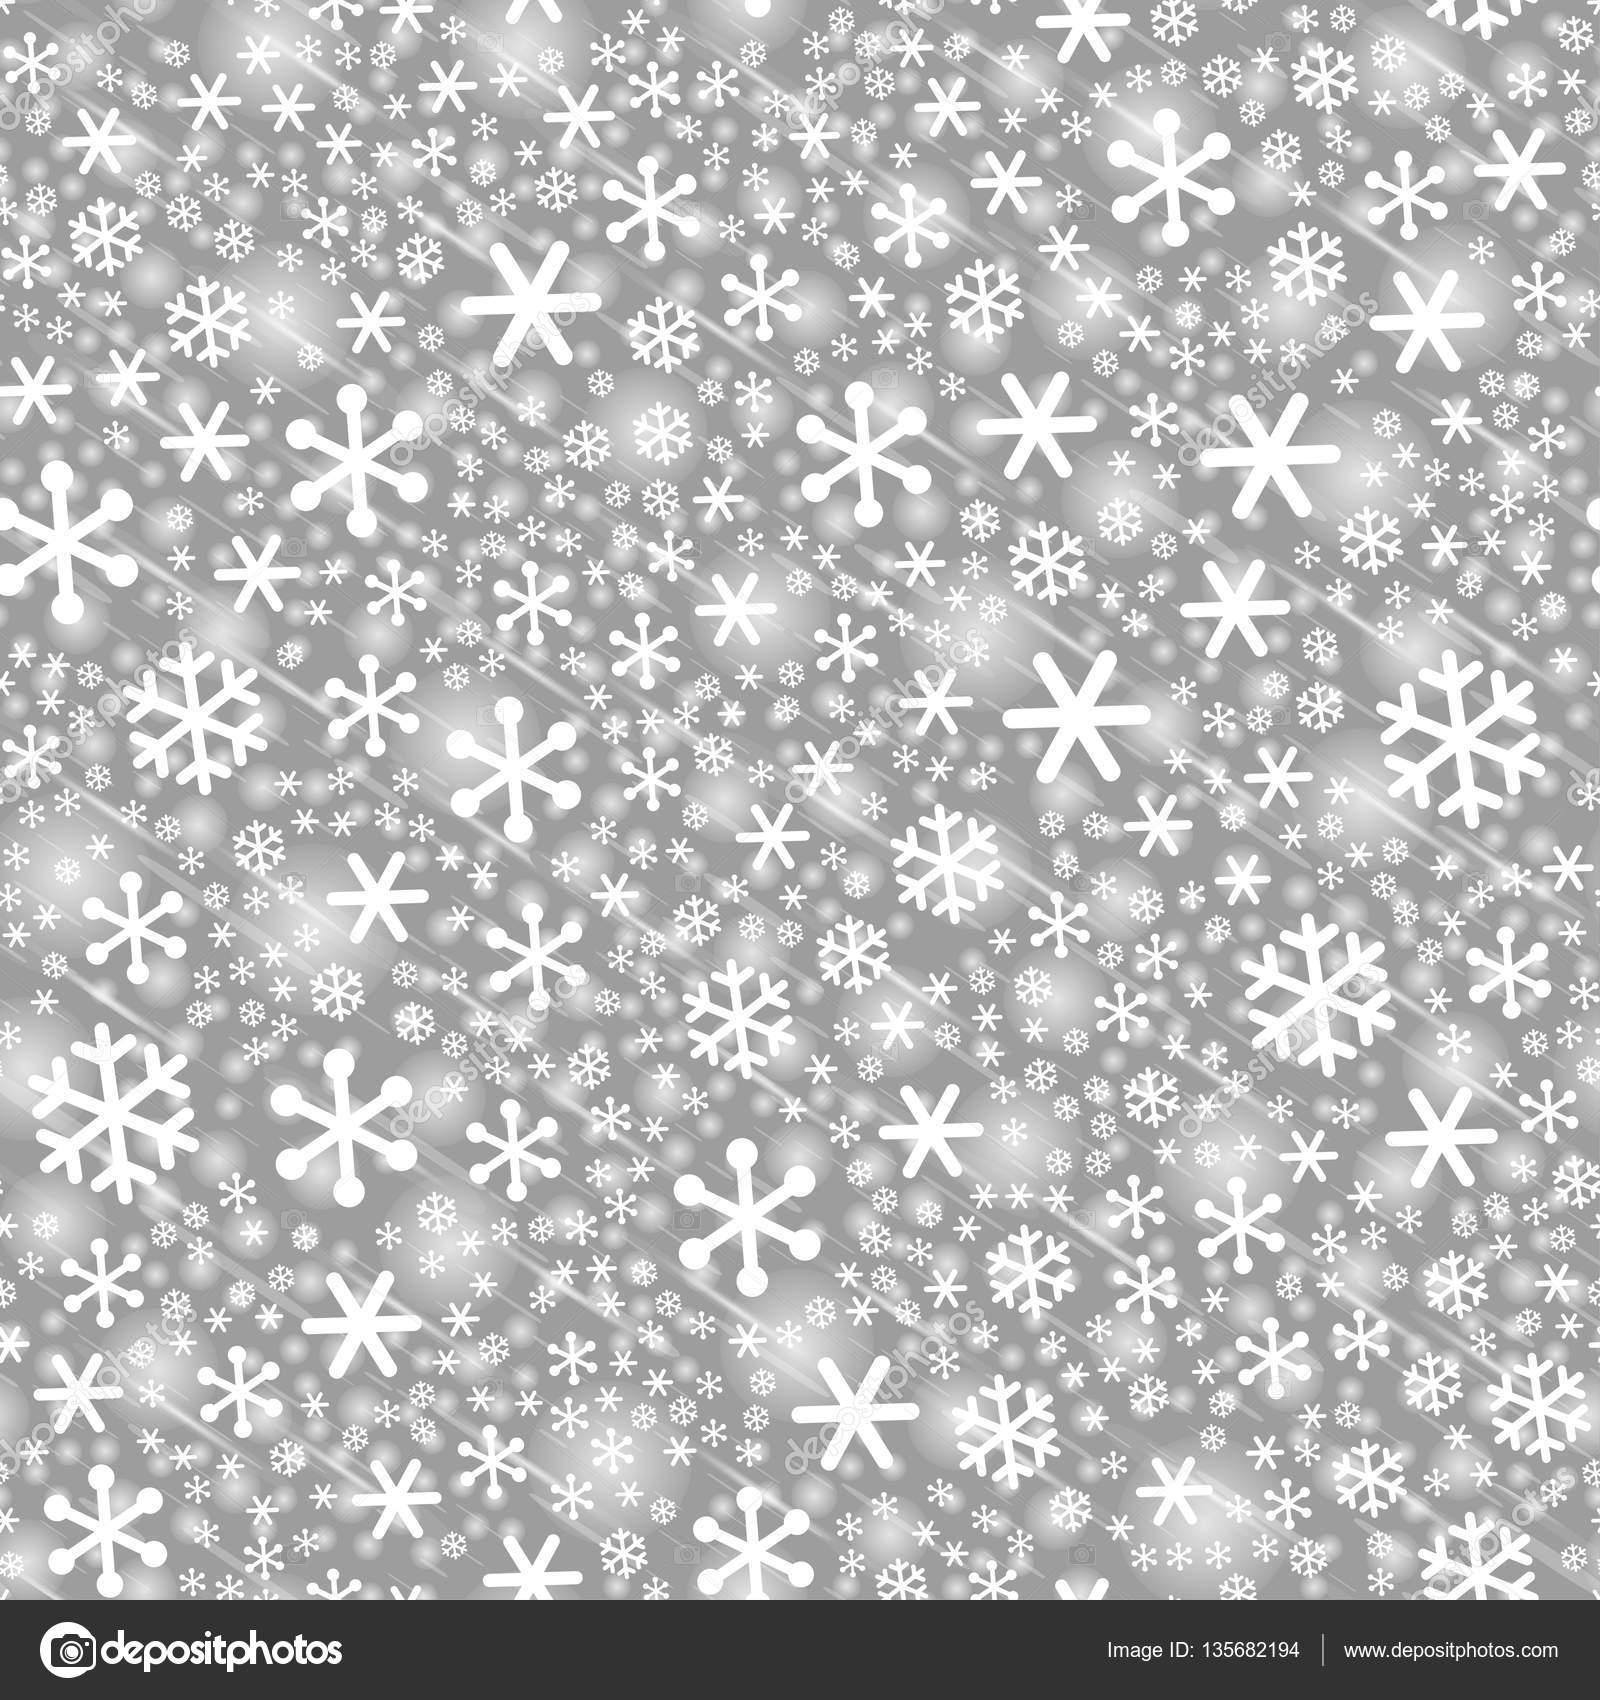 Escala de grises transparente los copos de nieve de patrones sin ...